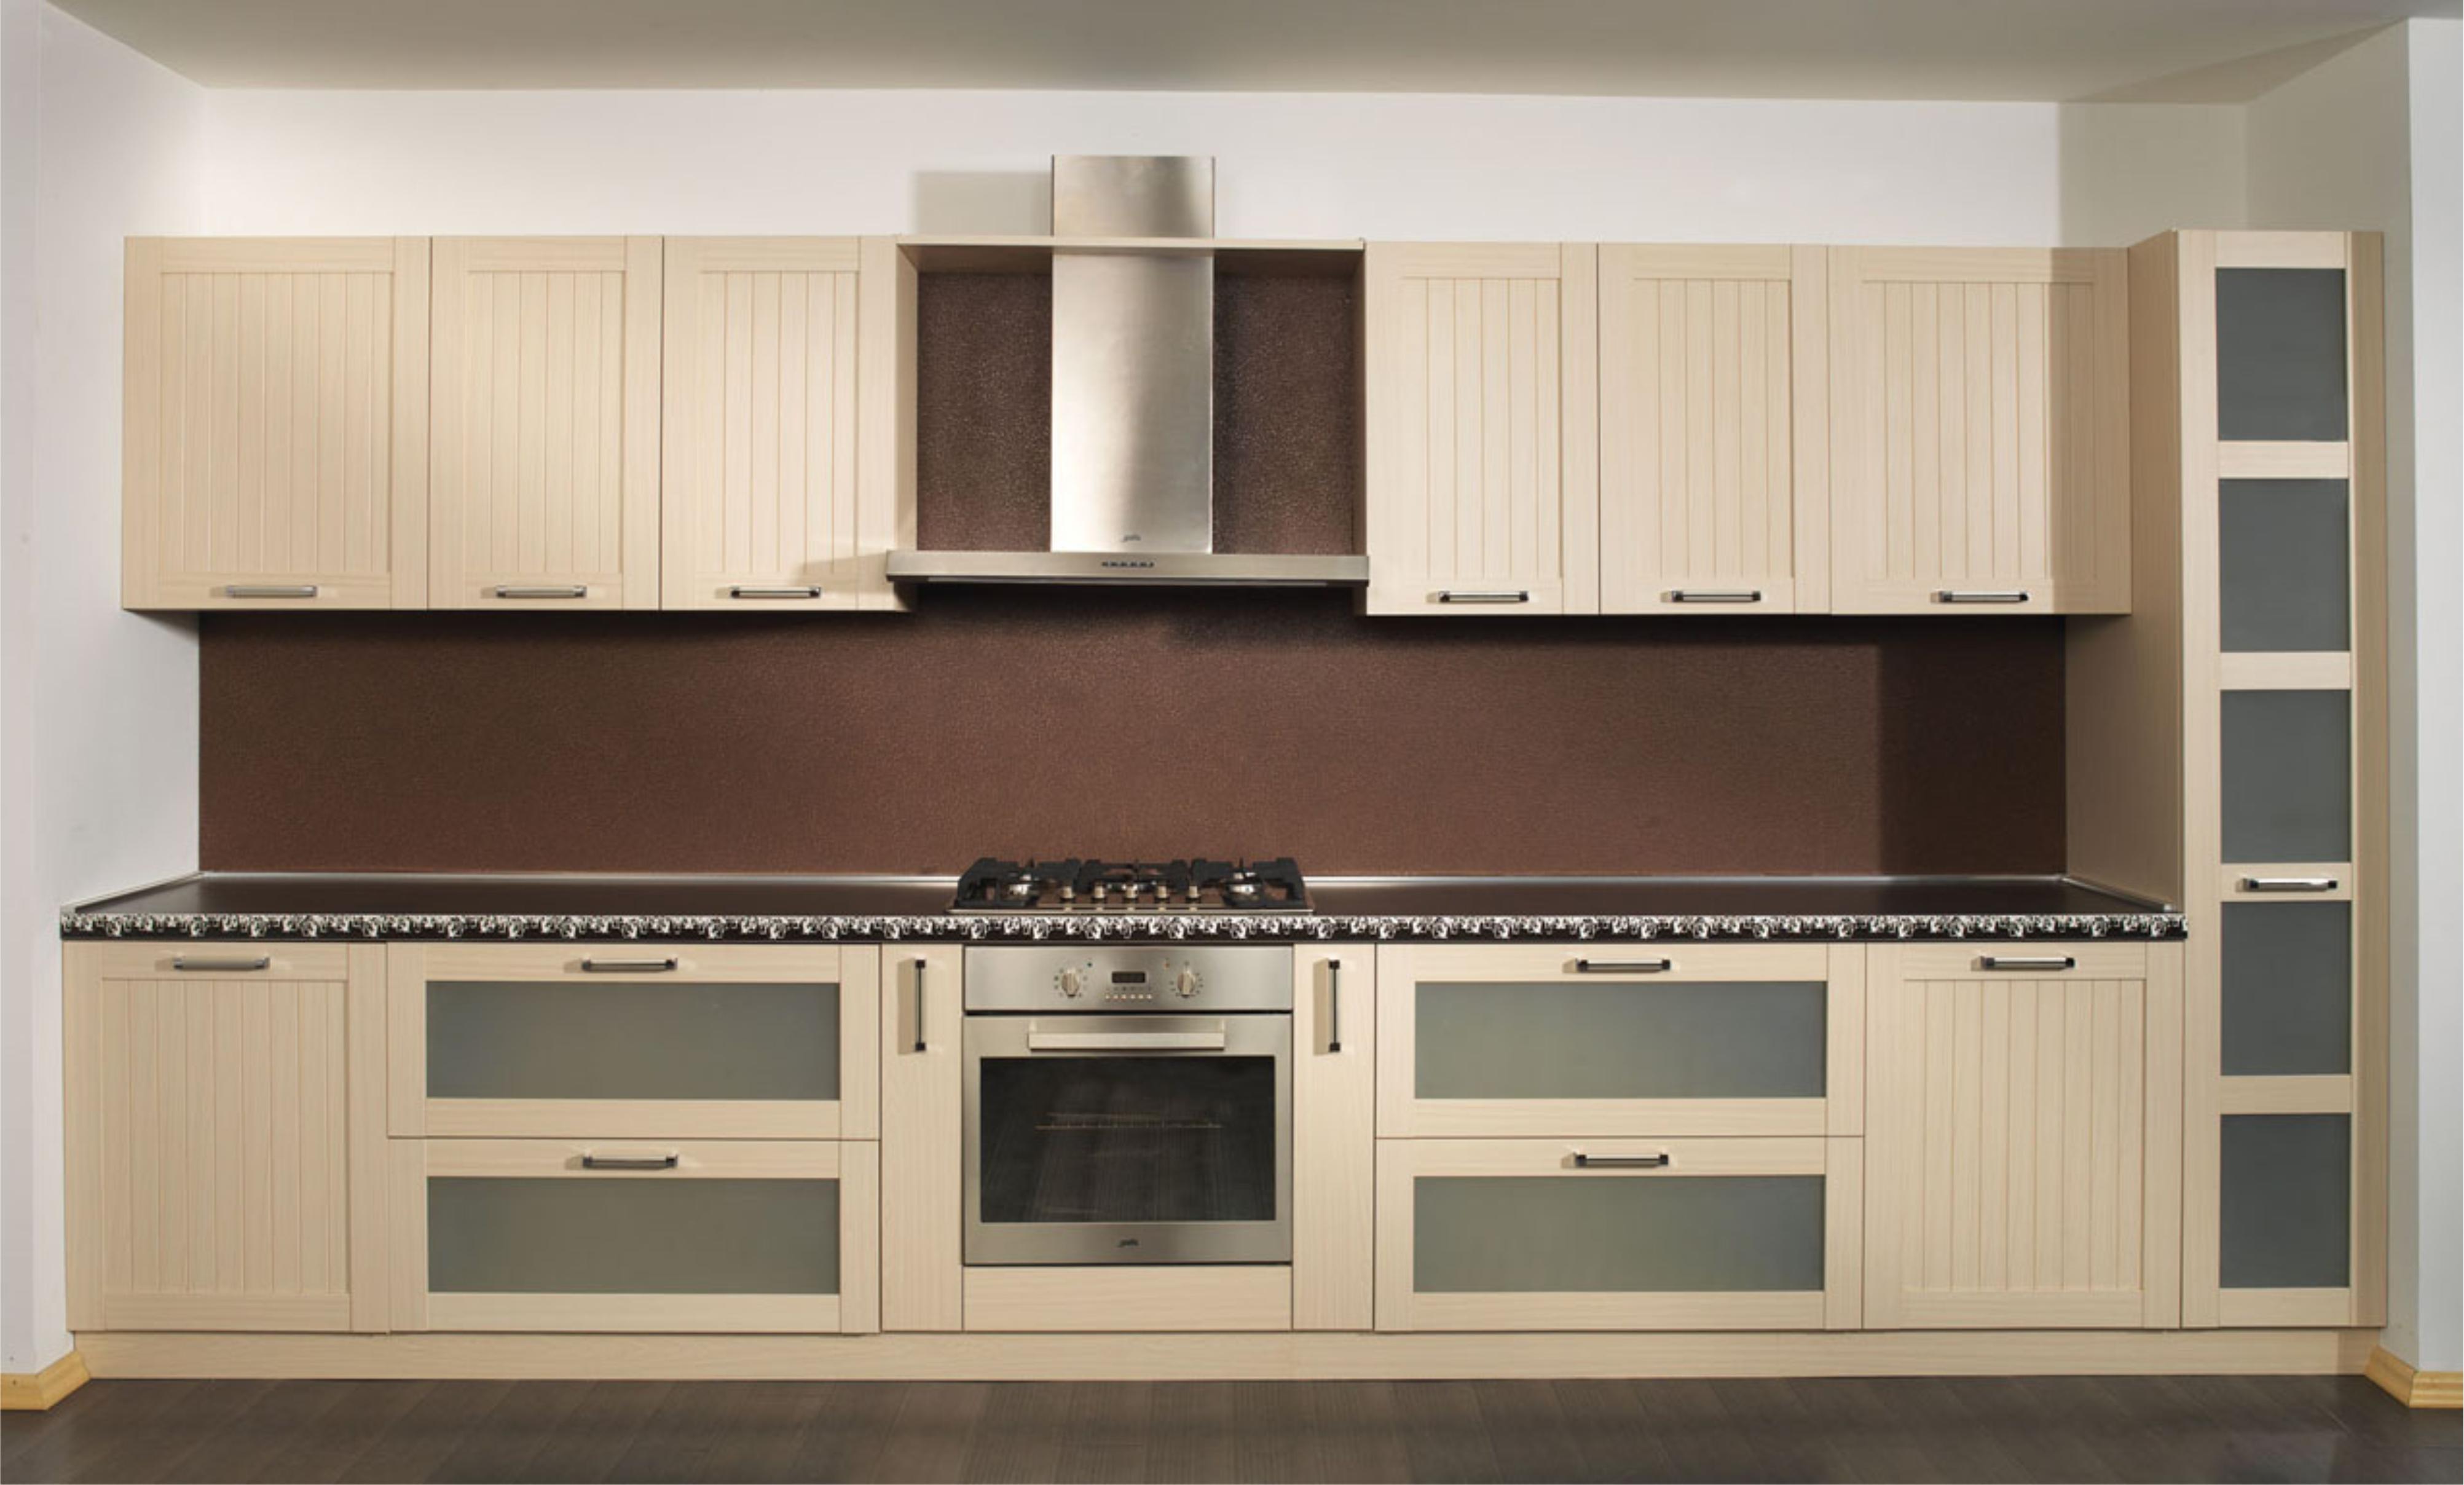 Кухня agt 29 лучшая мебель москвы.